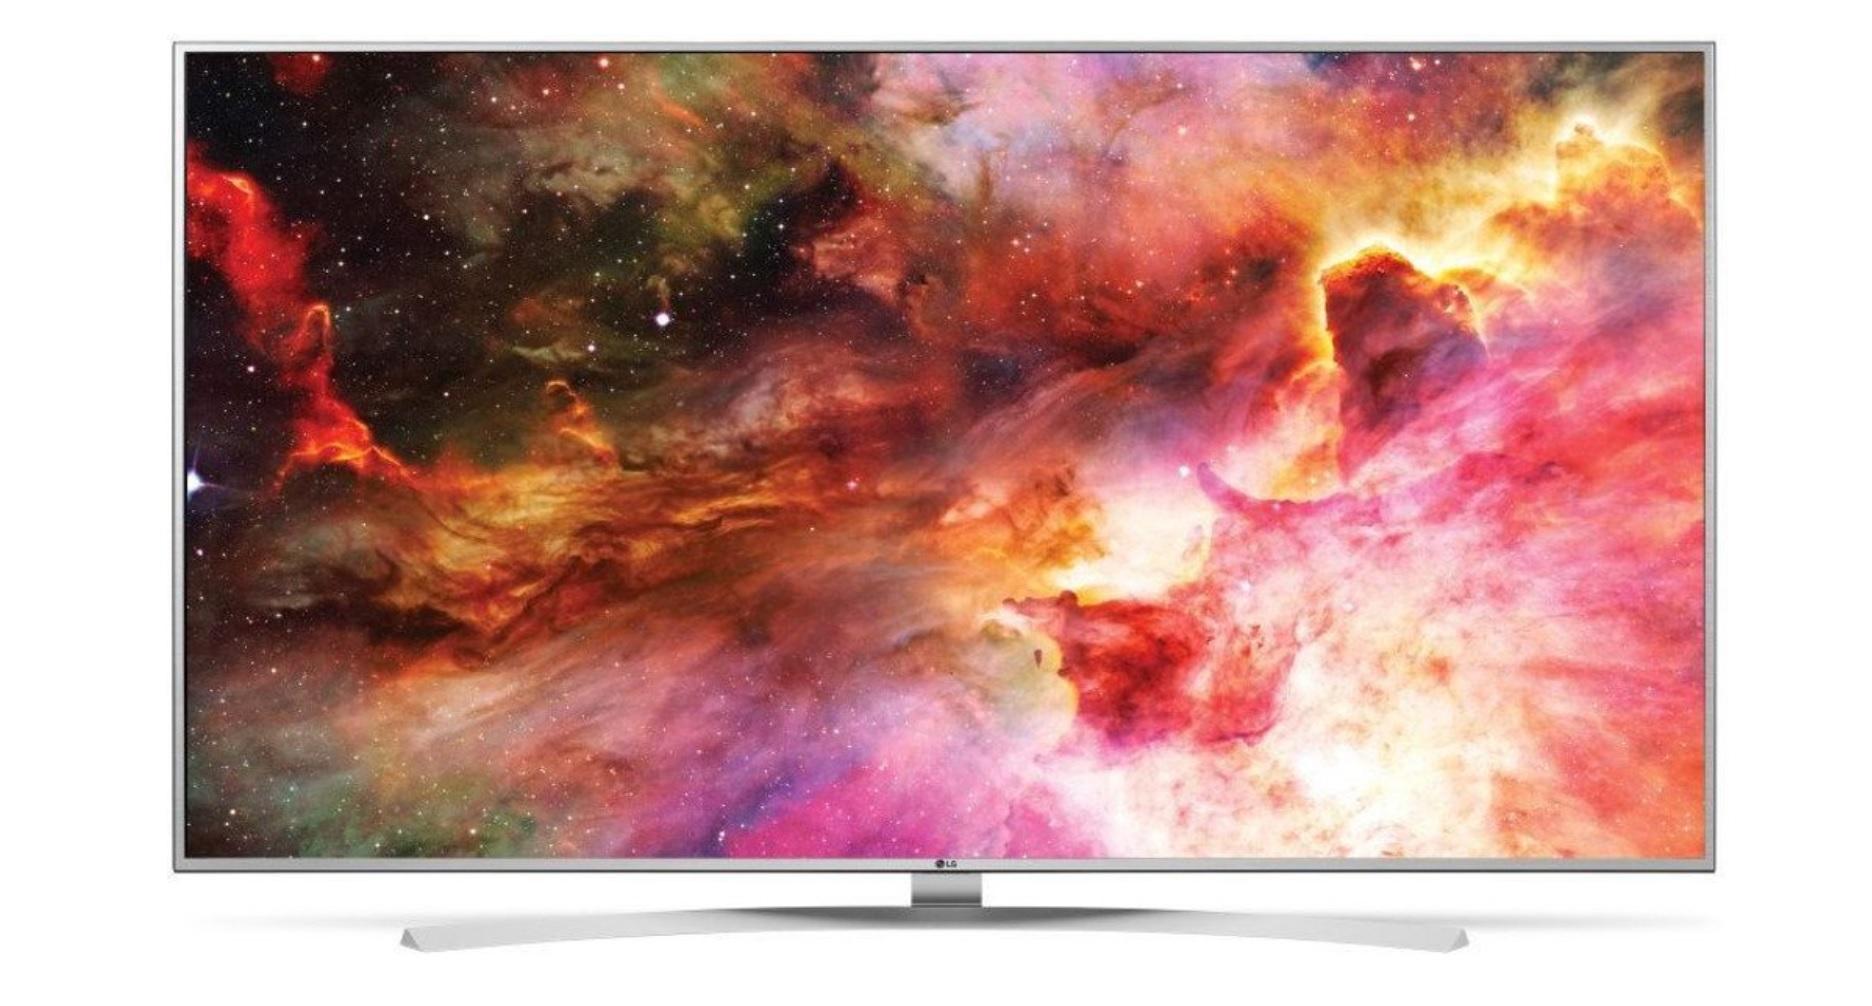 Amazon Angebote am 29.12.: Acer-Monitore und LG-Fernseher mit 65 Zoll